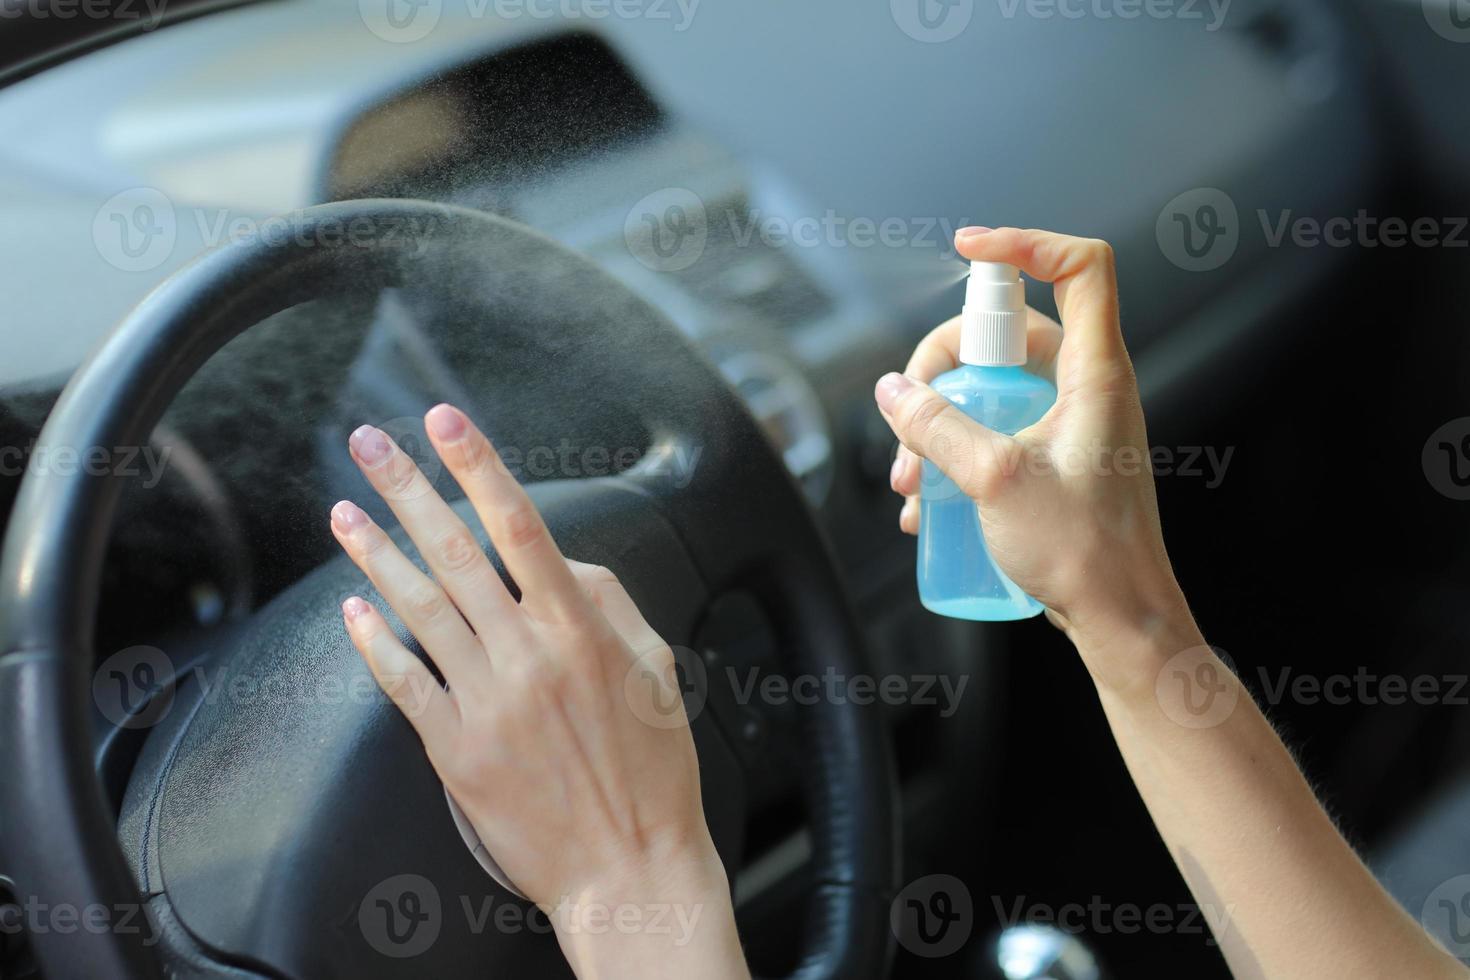 Hand der Frau sprüht Alkohol, Desinfektionsspray im Auto, Sicherheit, verhindert eine Infektion des Covid-19-Virus, Coronavirus, Kontamination von Keimen oder Bakterien. Alkoholdesinfektionsmittel, Hygienekonzept. foto